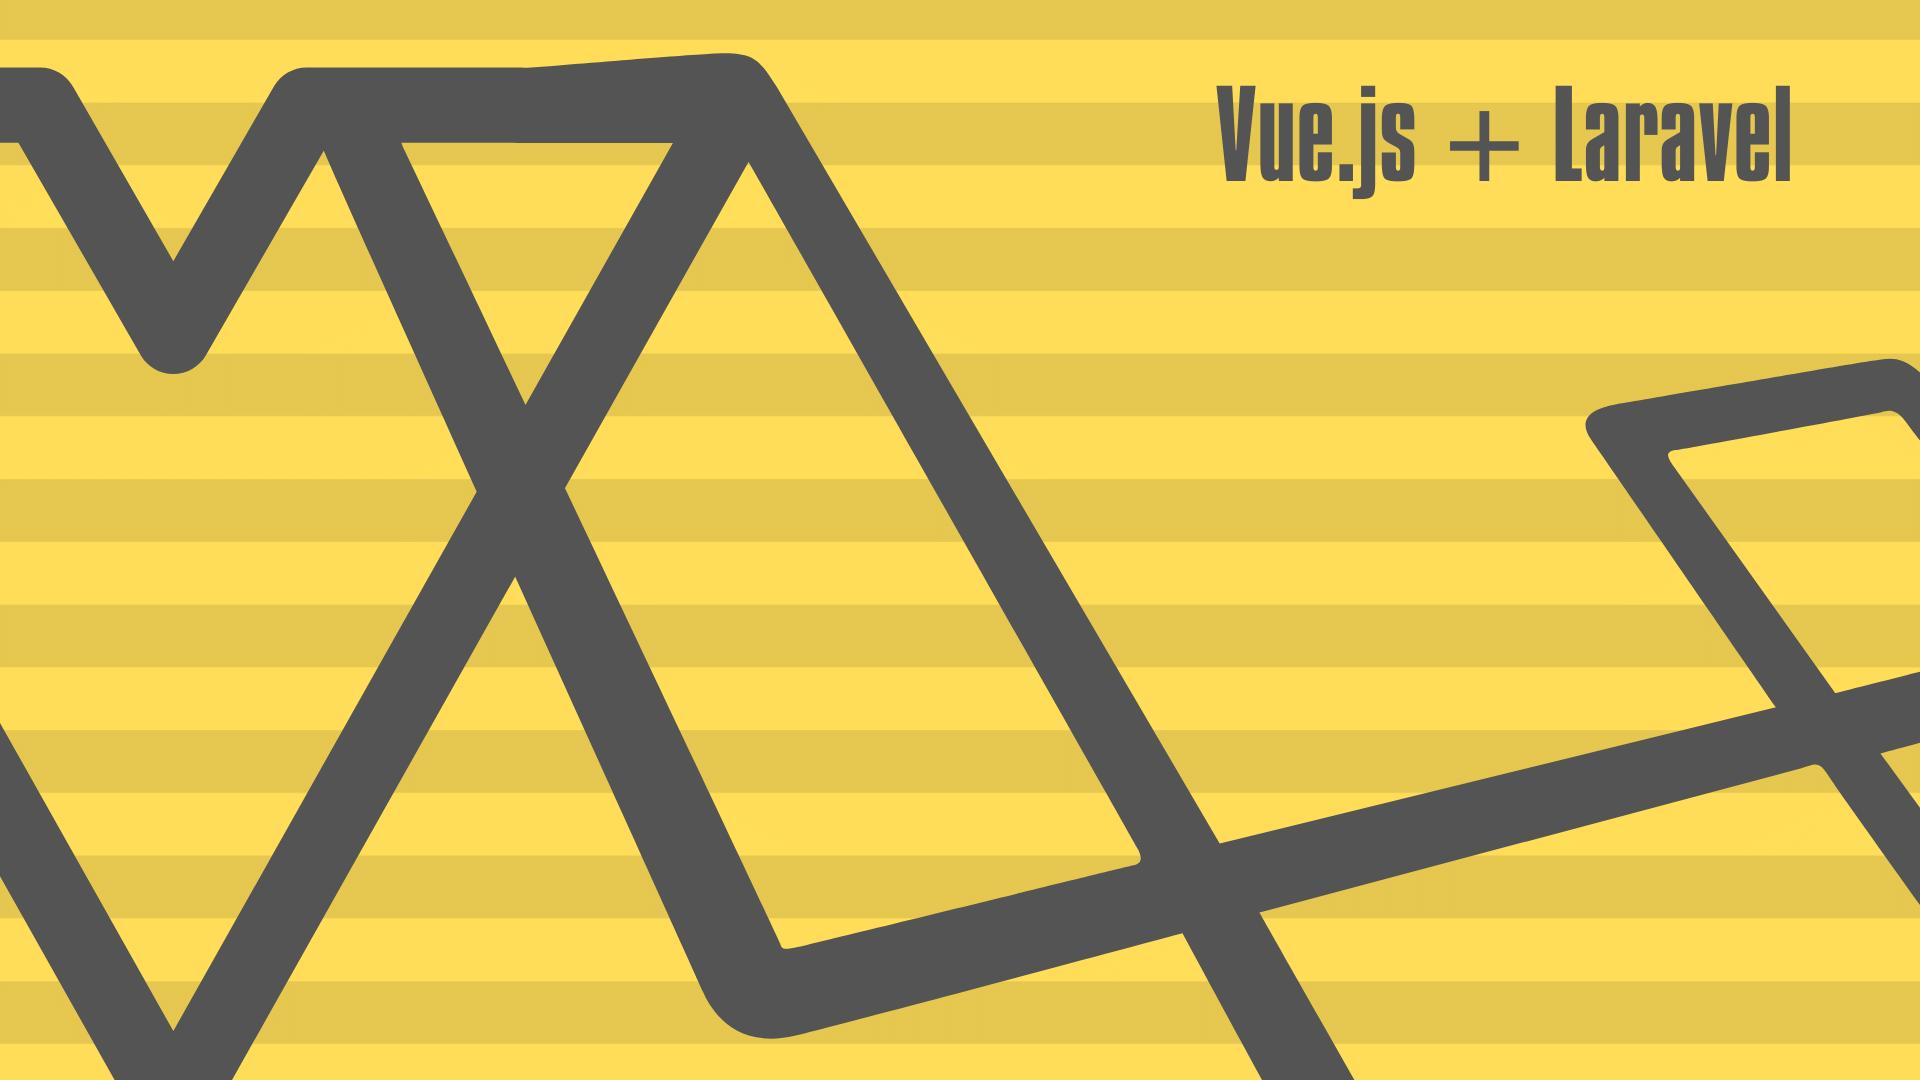 Vue.js + Laravelで記事一覧を作成する(フロント編 #3)